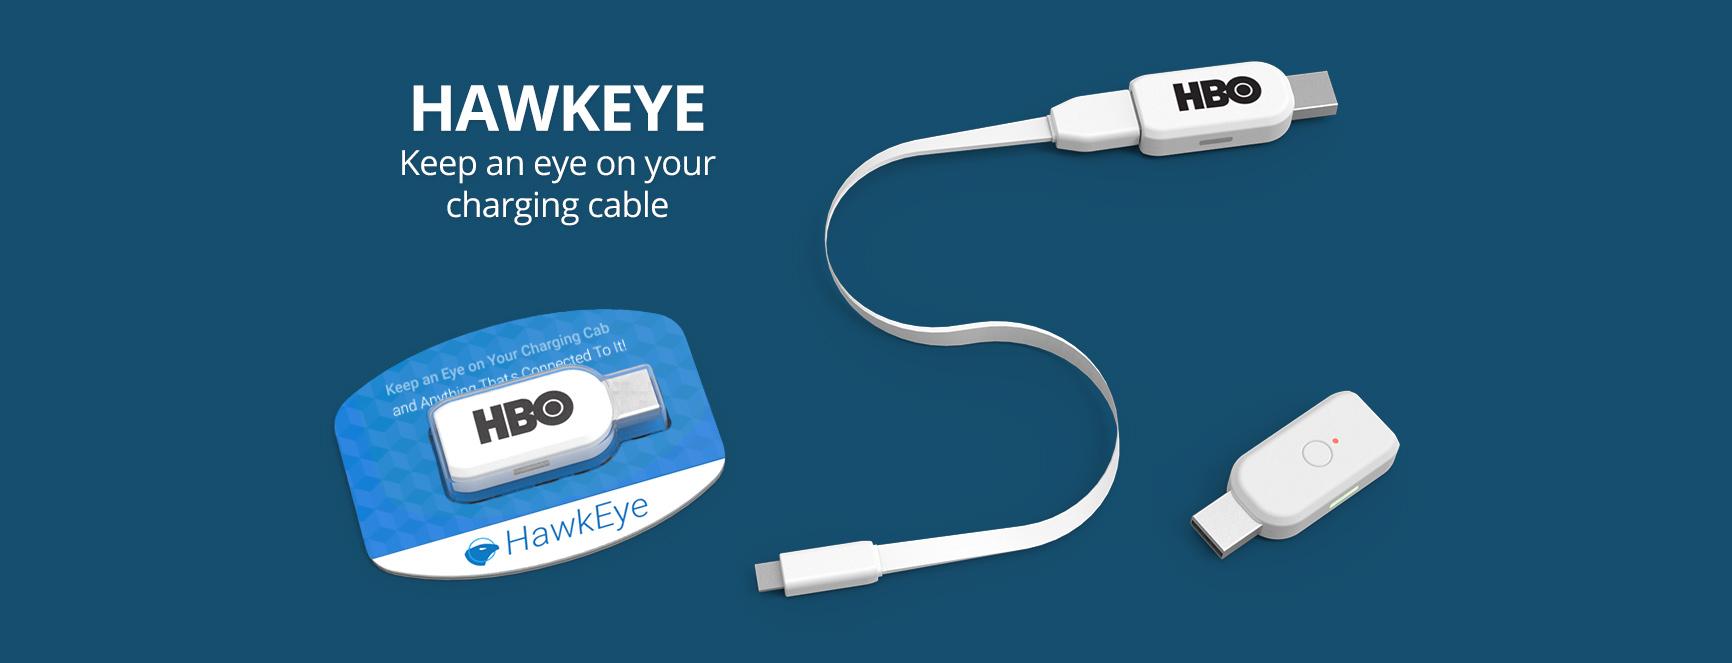 HawkEye Standard Packaging